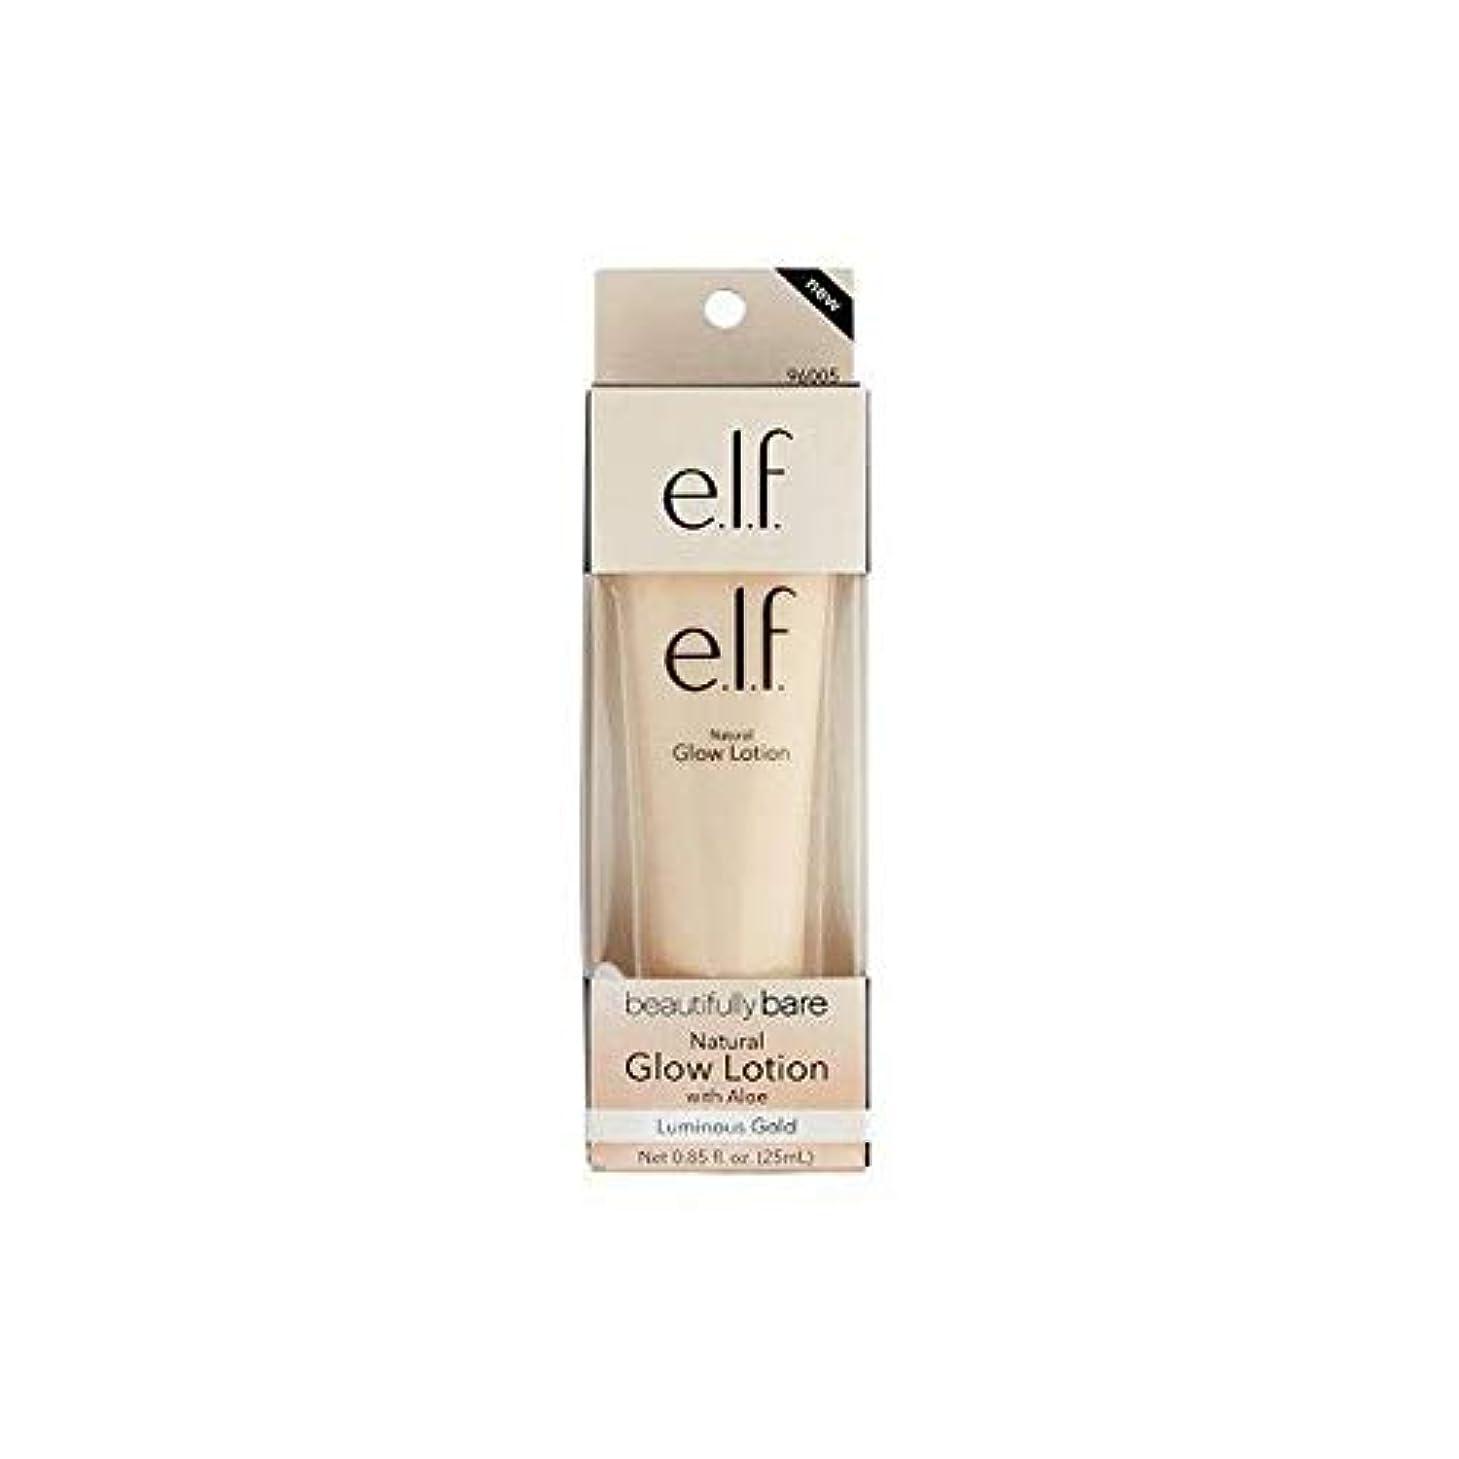 暴露無線アンプ[Elf ] エルフ。美しく裸自然グローローション金 - e.l.f. Beautifully Bare Natural Glow Lotion gold [並行輸入品]